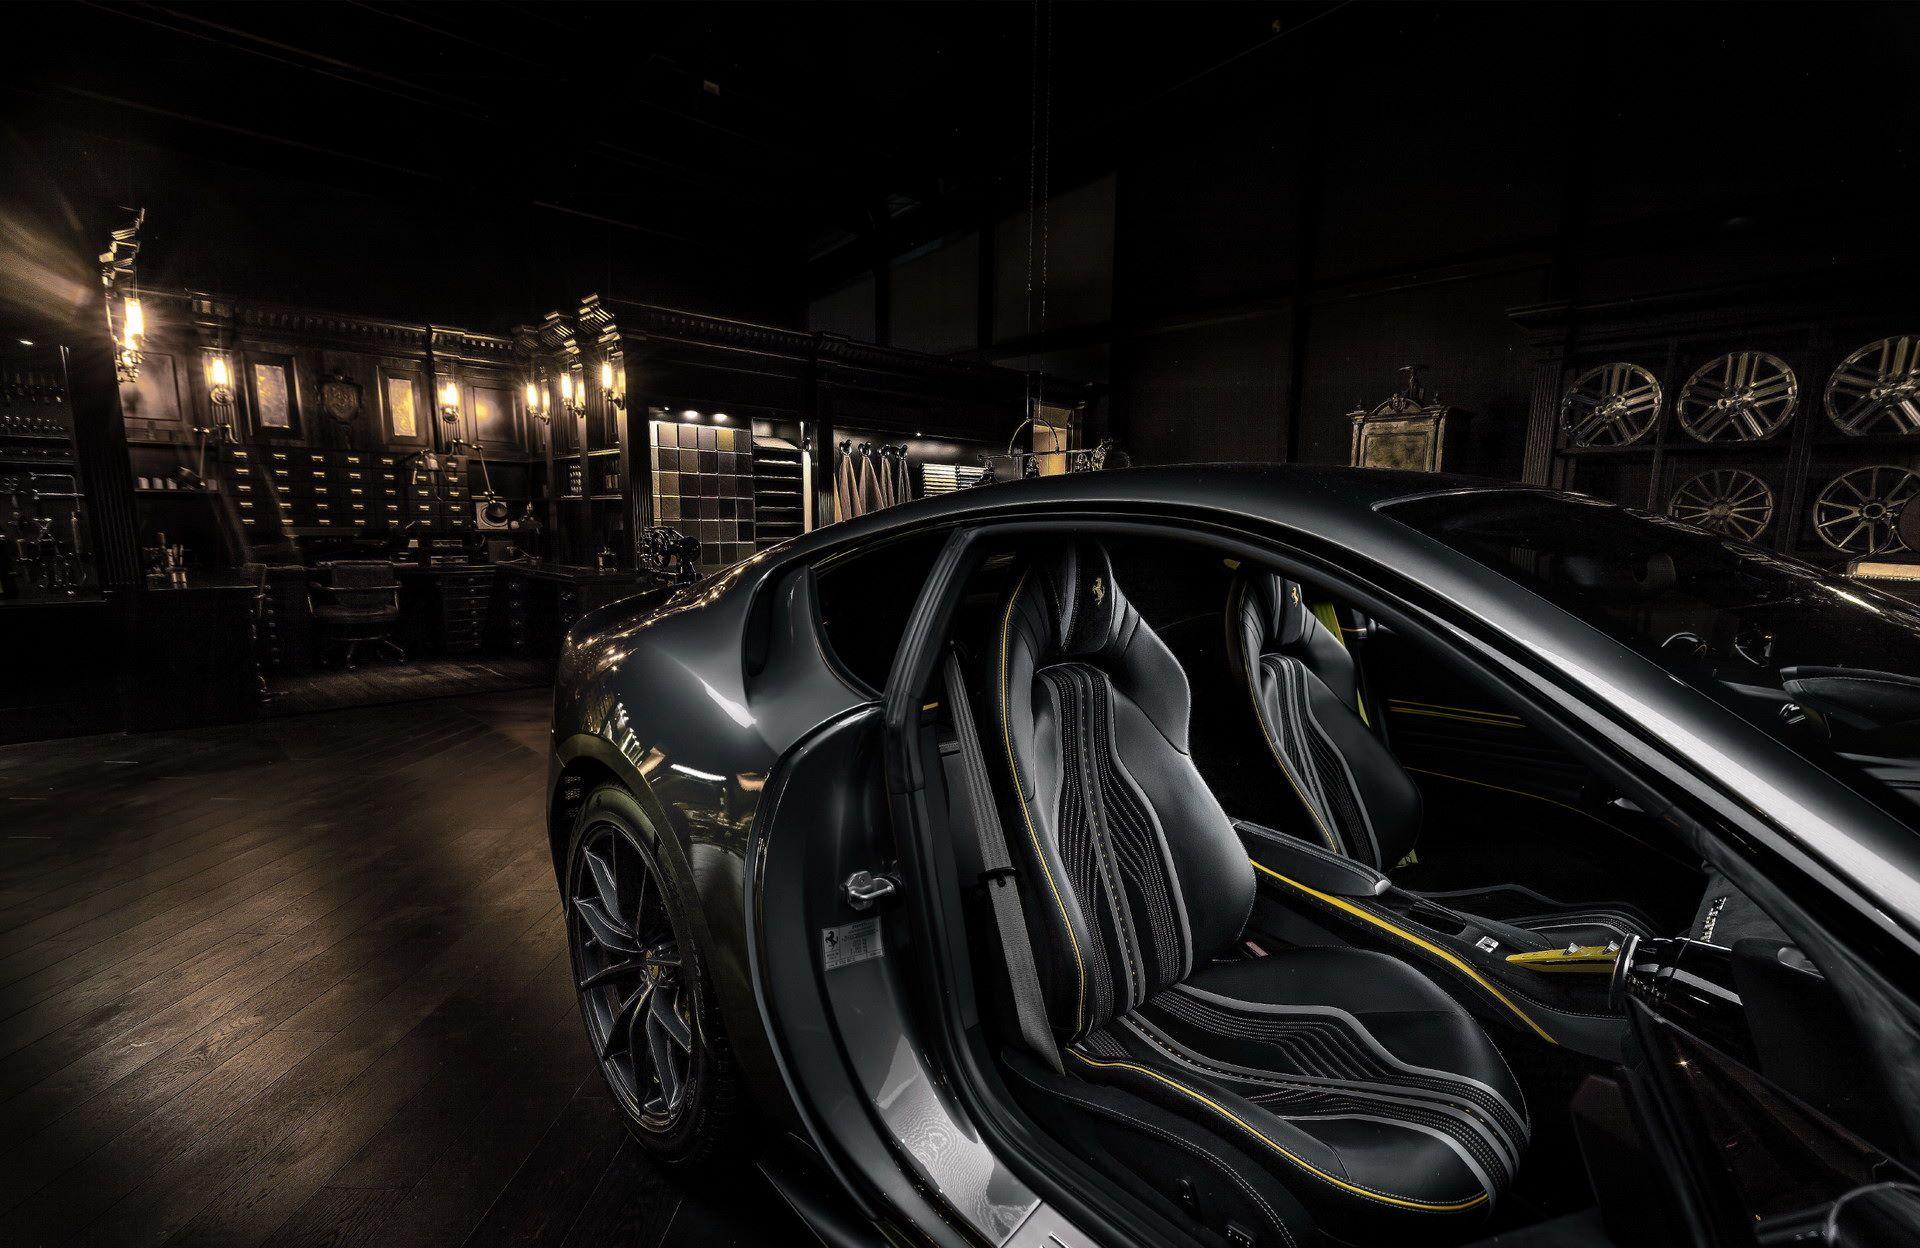 Ferrari-812-Superfast-by-Carlex-Design-6